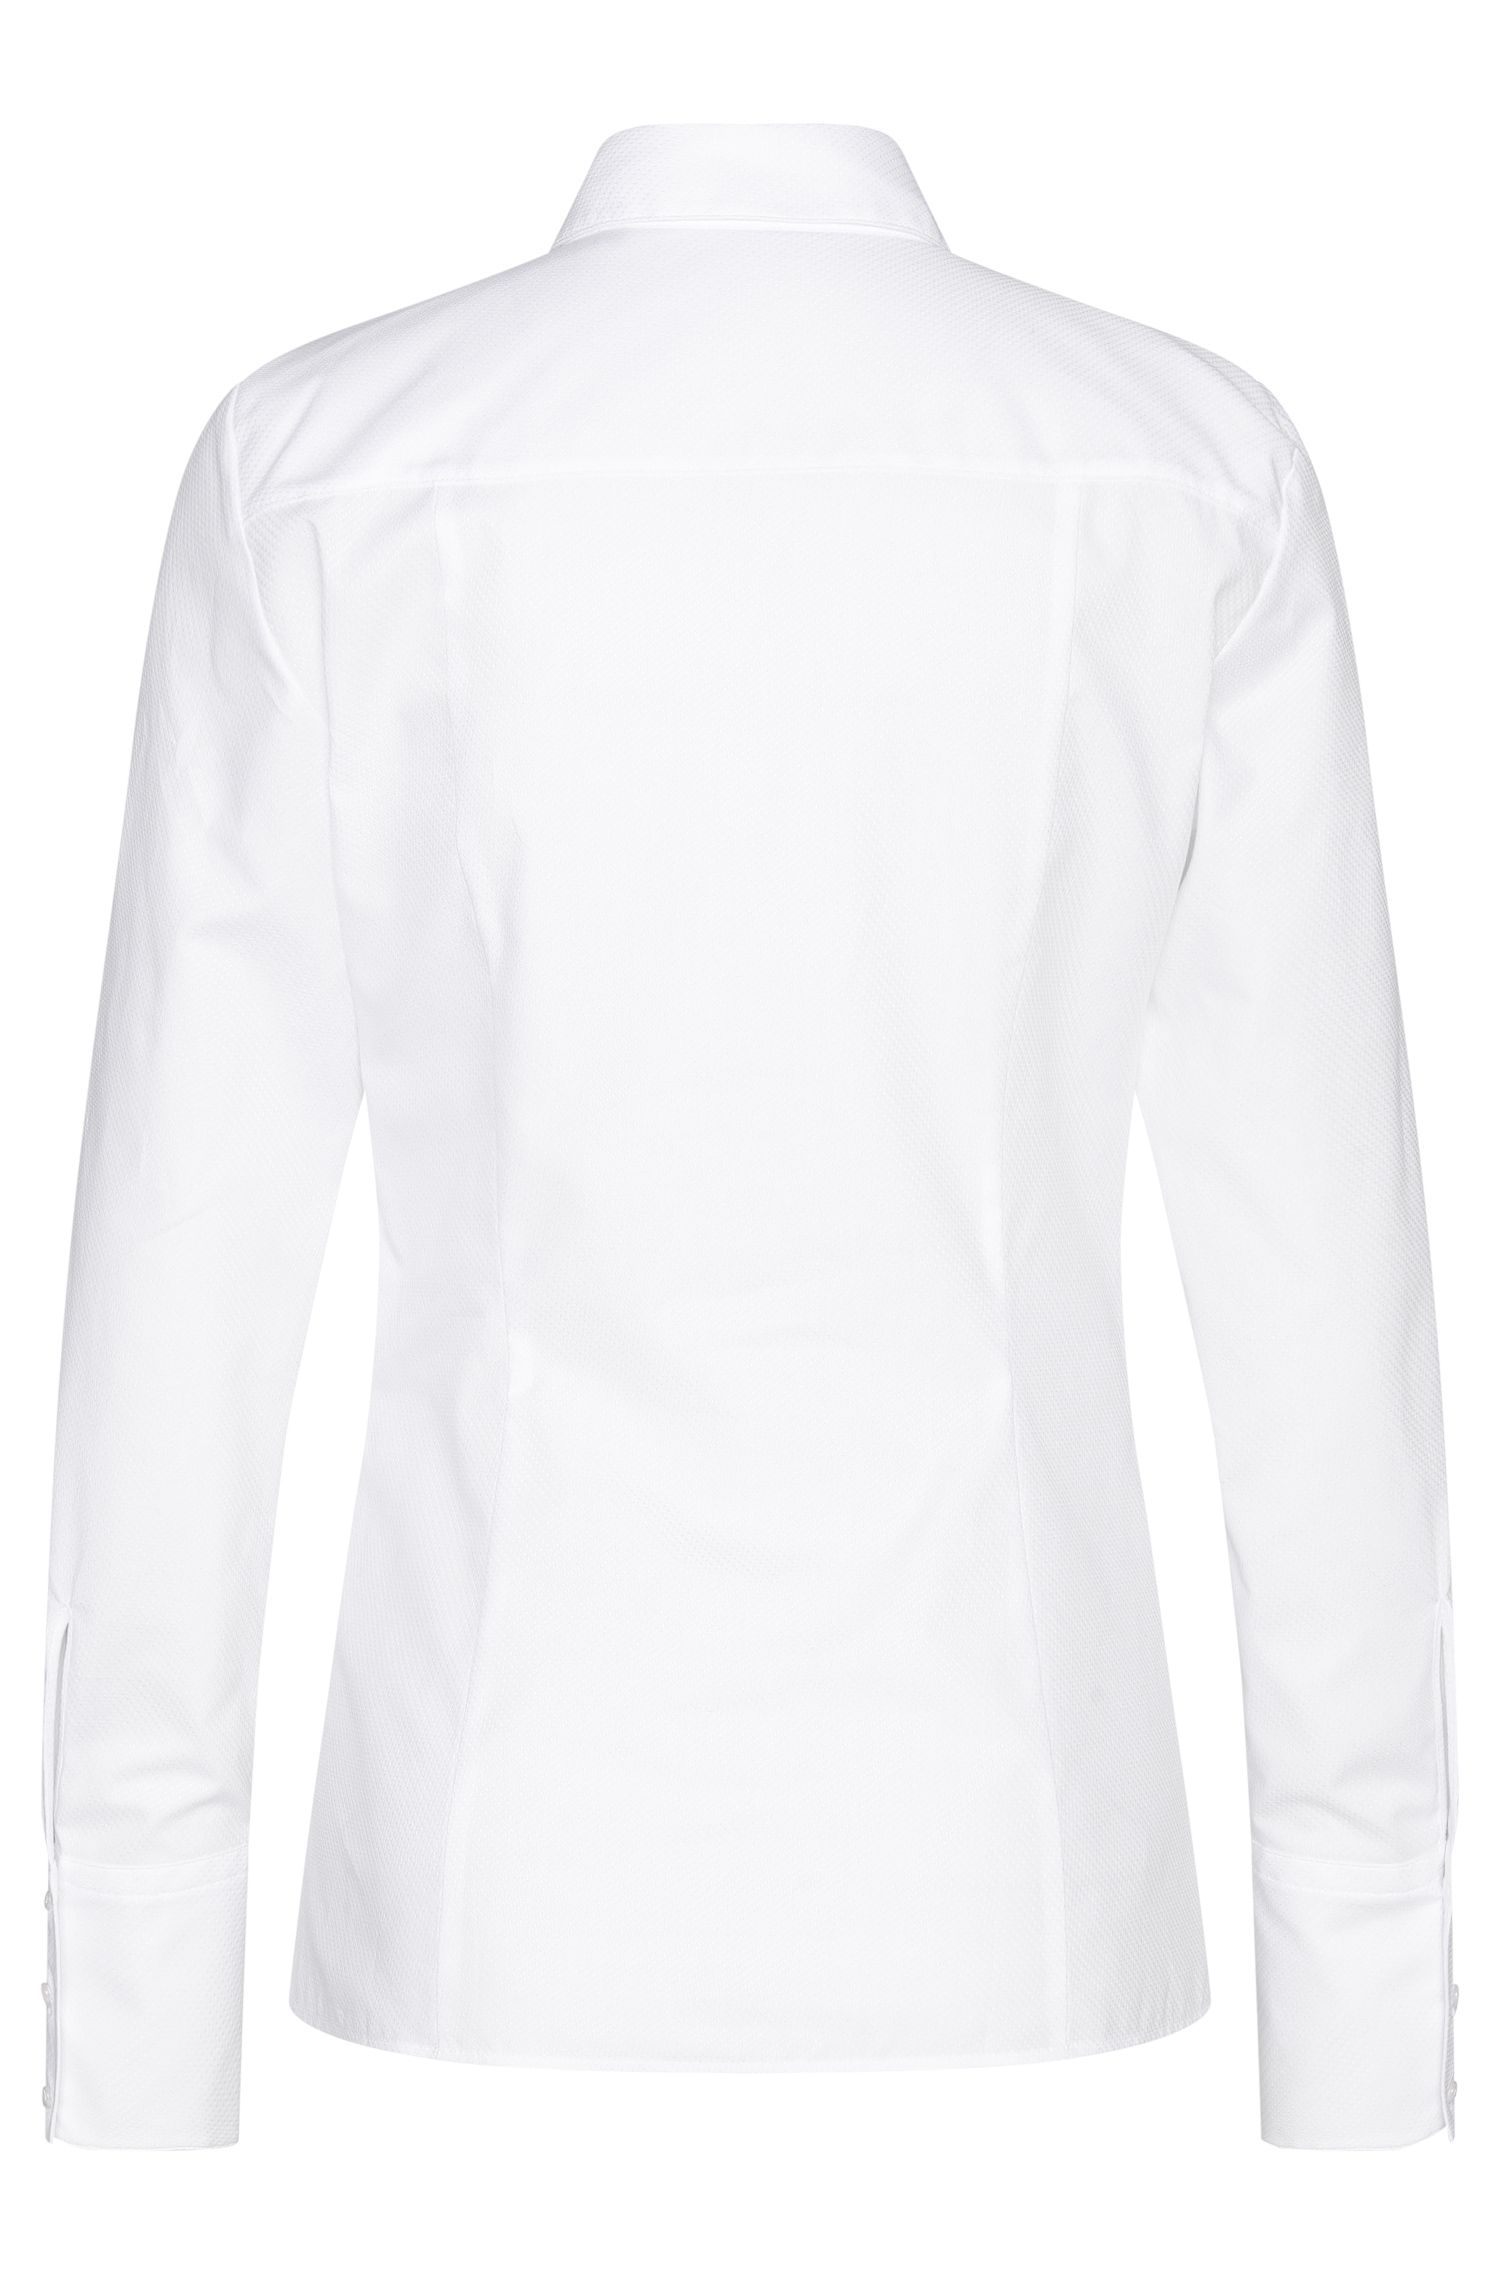 Fein strukturierte Hemdbluse aus Baumwolle: 'Etrixe1'